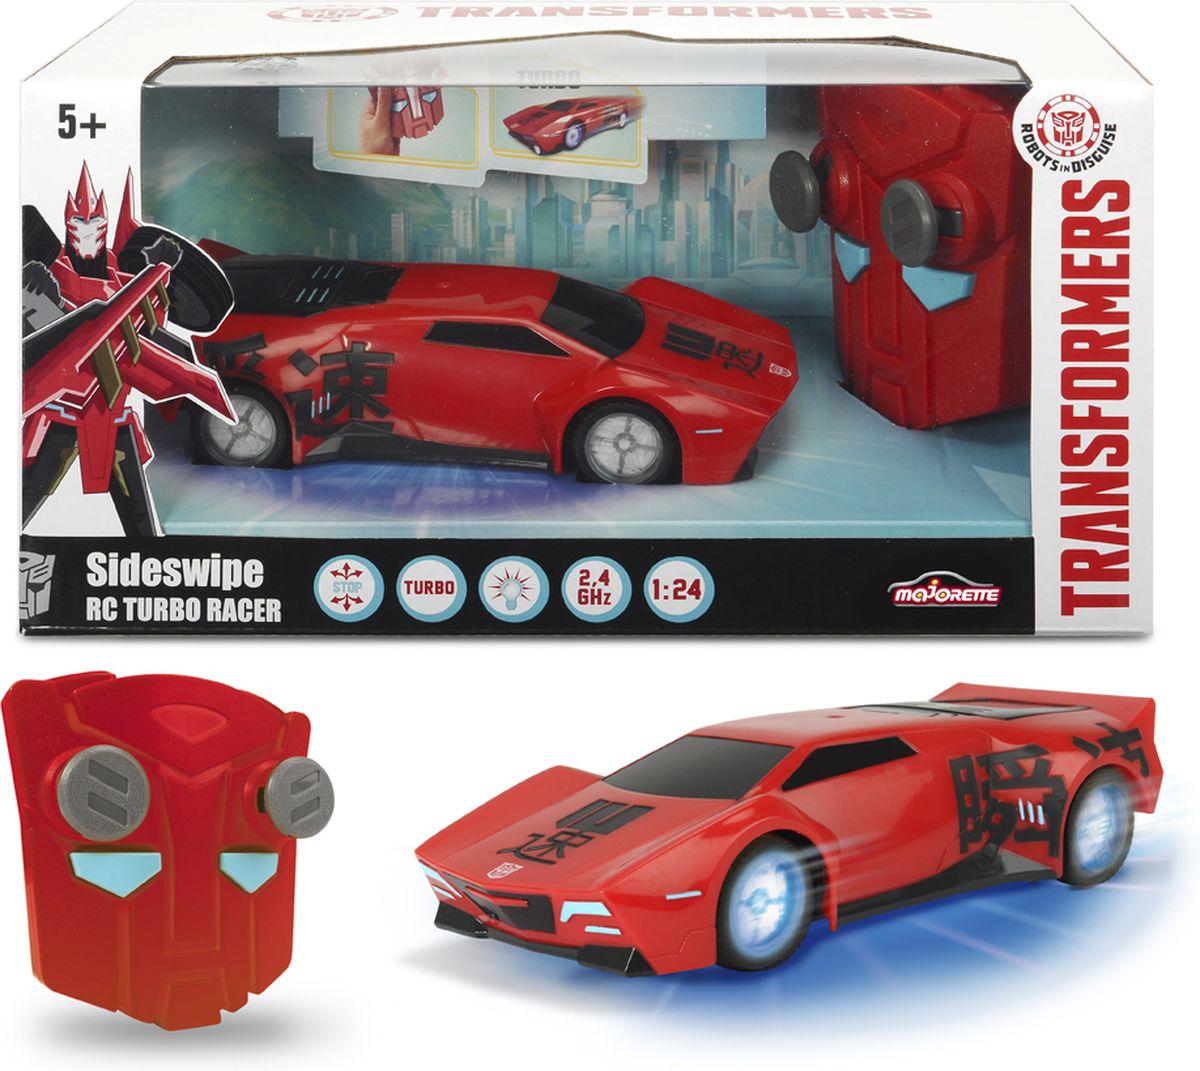 Машинка Sideswipe на радиоуправлении от Dickie! Полное управление (вперед-назад-налево-направо) + функция турбо. Невероятная неоновая подсветка снизу и светящиеся колесные диски. Гоняй с главным героем мультфильма Трансформеры Роботы под прикрытием (Transformers. Robots in Disguise) Размер 18см , 1:24. Для работы требуются батарейки: 3*ААА + 3 *АА (не входят в комплект) Рабочая частота: 2,4ГГц Максимальный коэффициент усиления антенны: 3 дБ Мощность: не более 10 мВт Разнос каналов: 50 кГц.